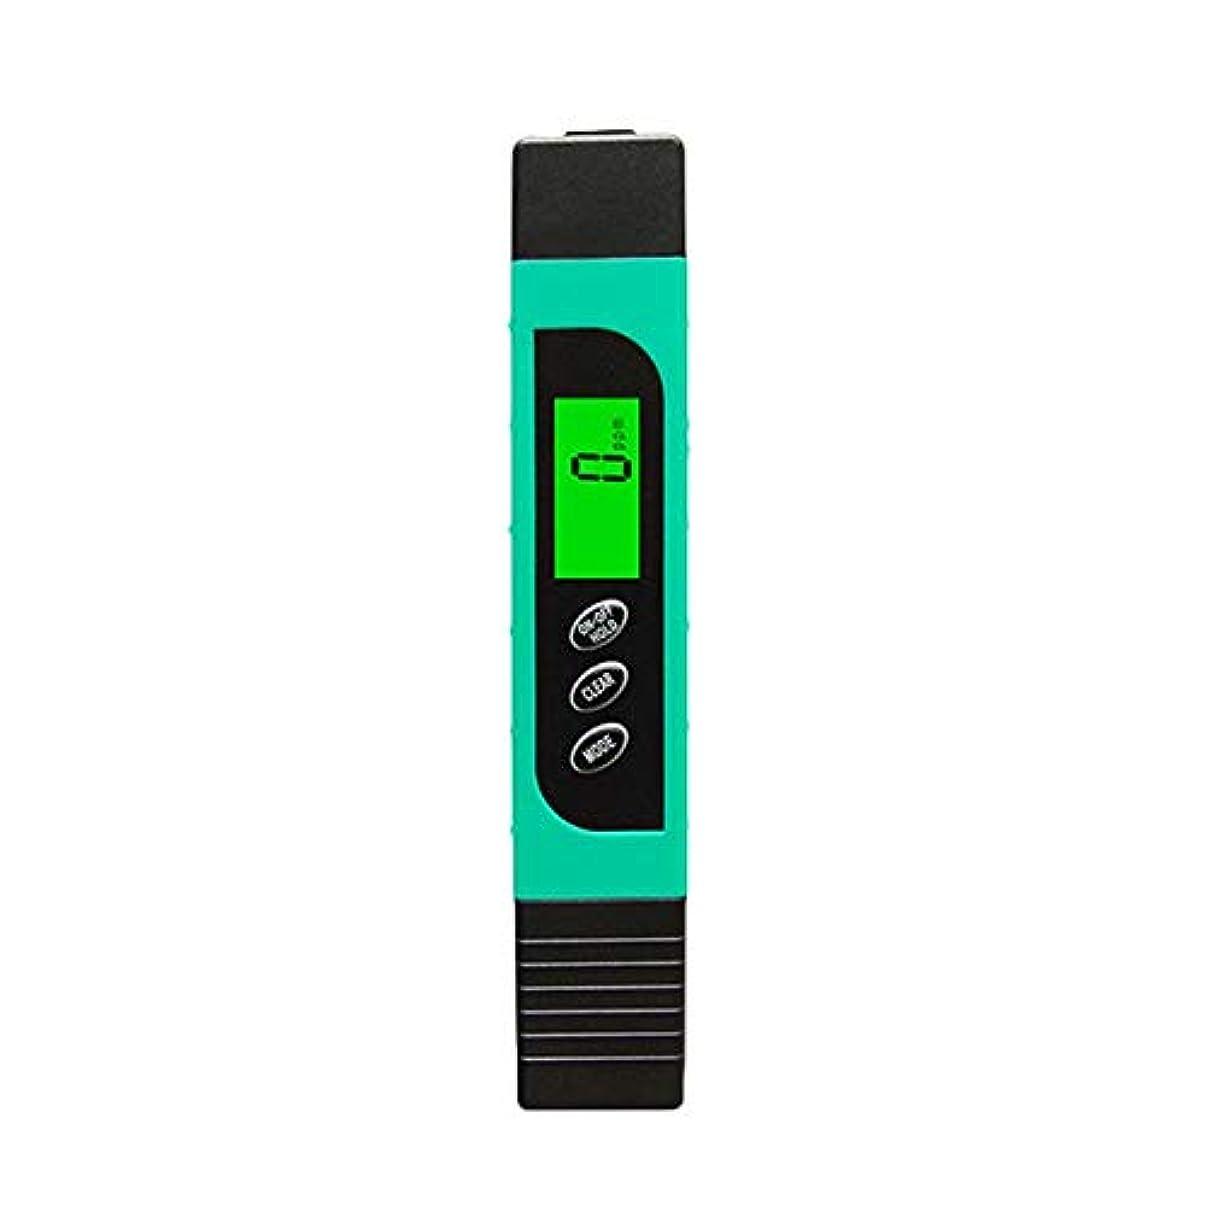 定期的についてテレビ多機能TDSメーターテスターポータブルデジタルペン0.01高精度フィルター測定水質純度テストツール - ブルー